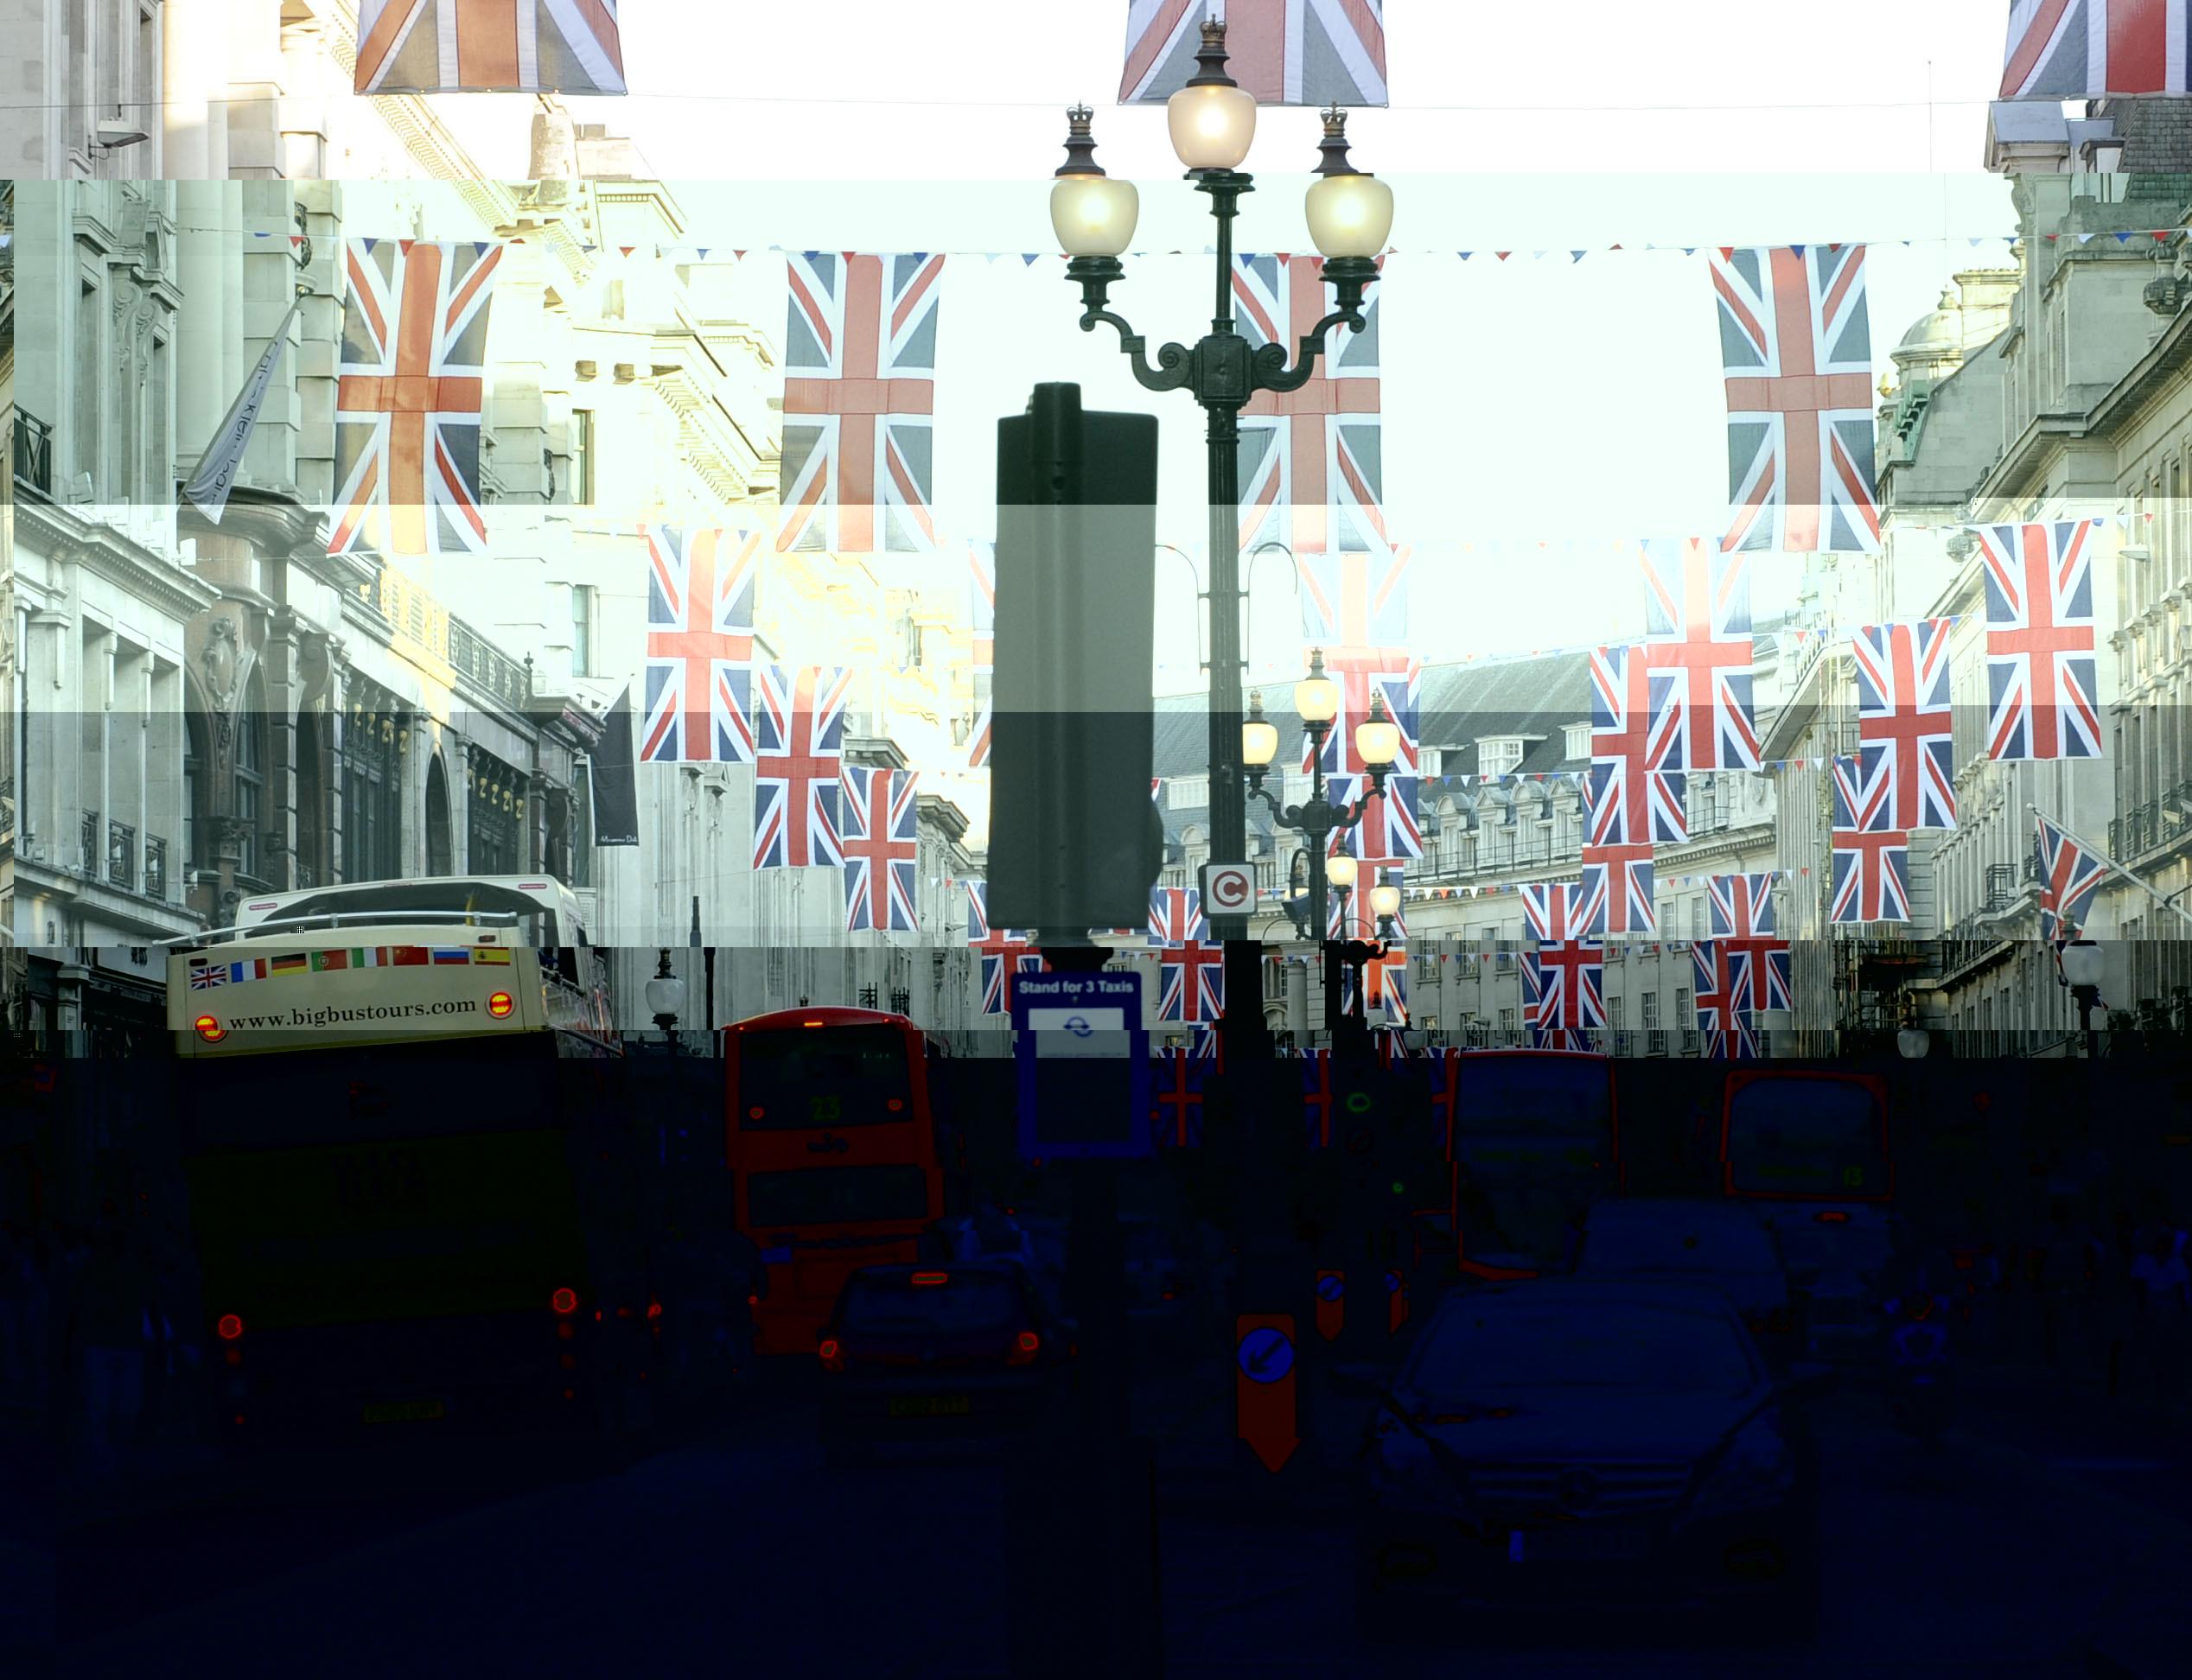 英国拟扩招5.5万名留学生 是顺应潮流还是纯属无奈?